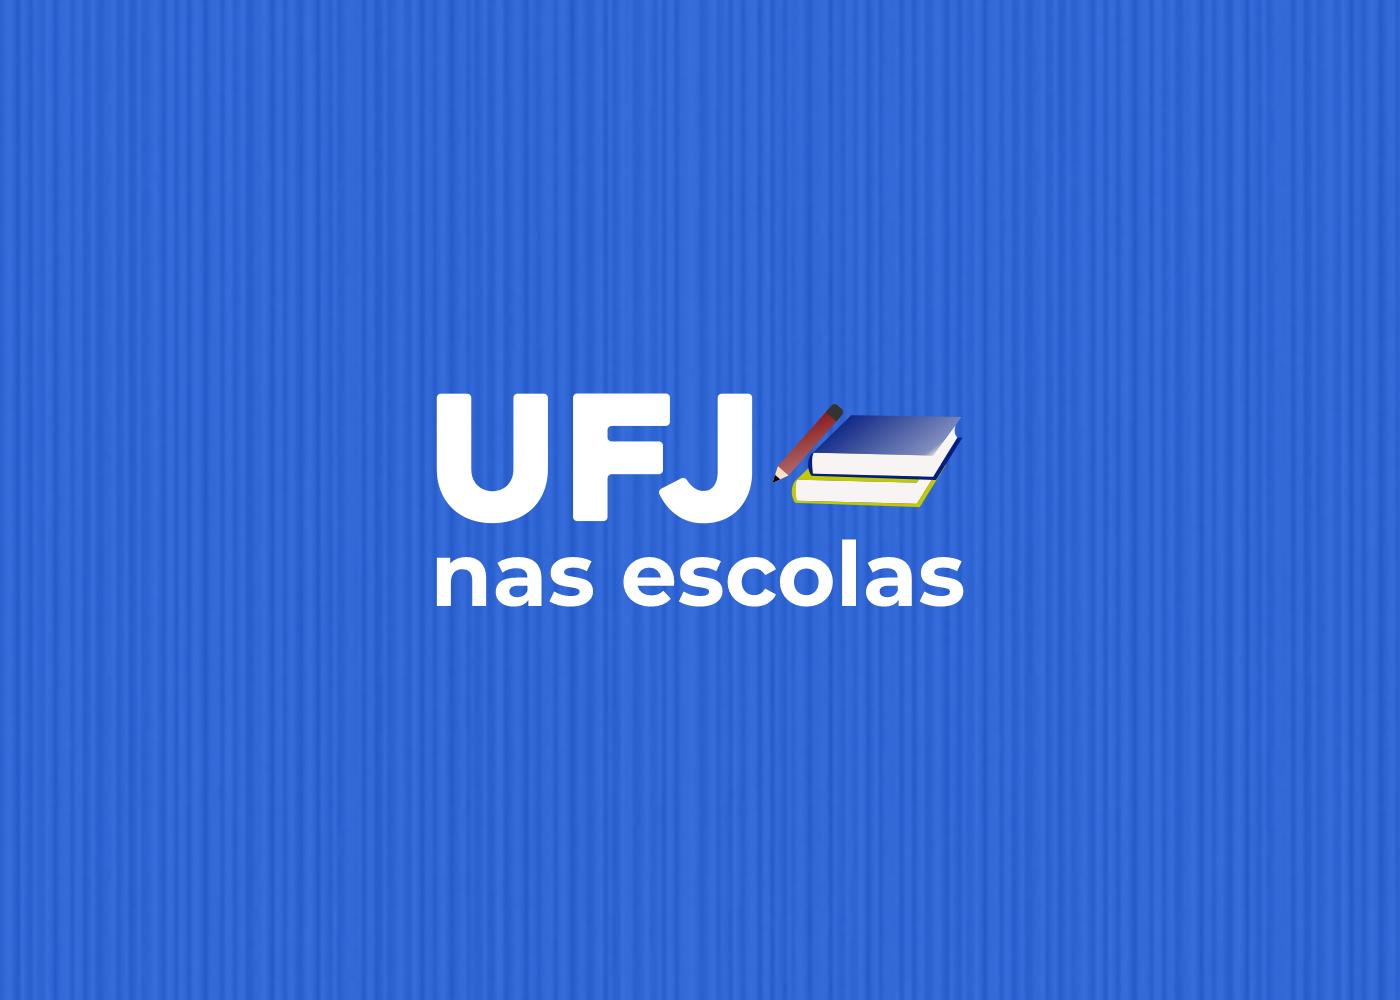 Logotipo UFJ nas escolas